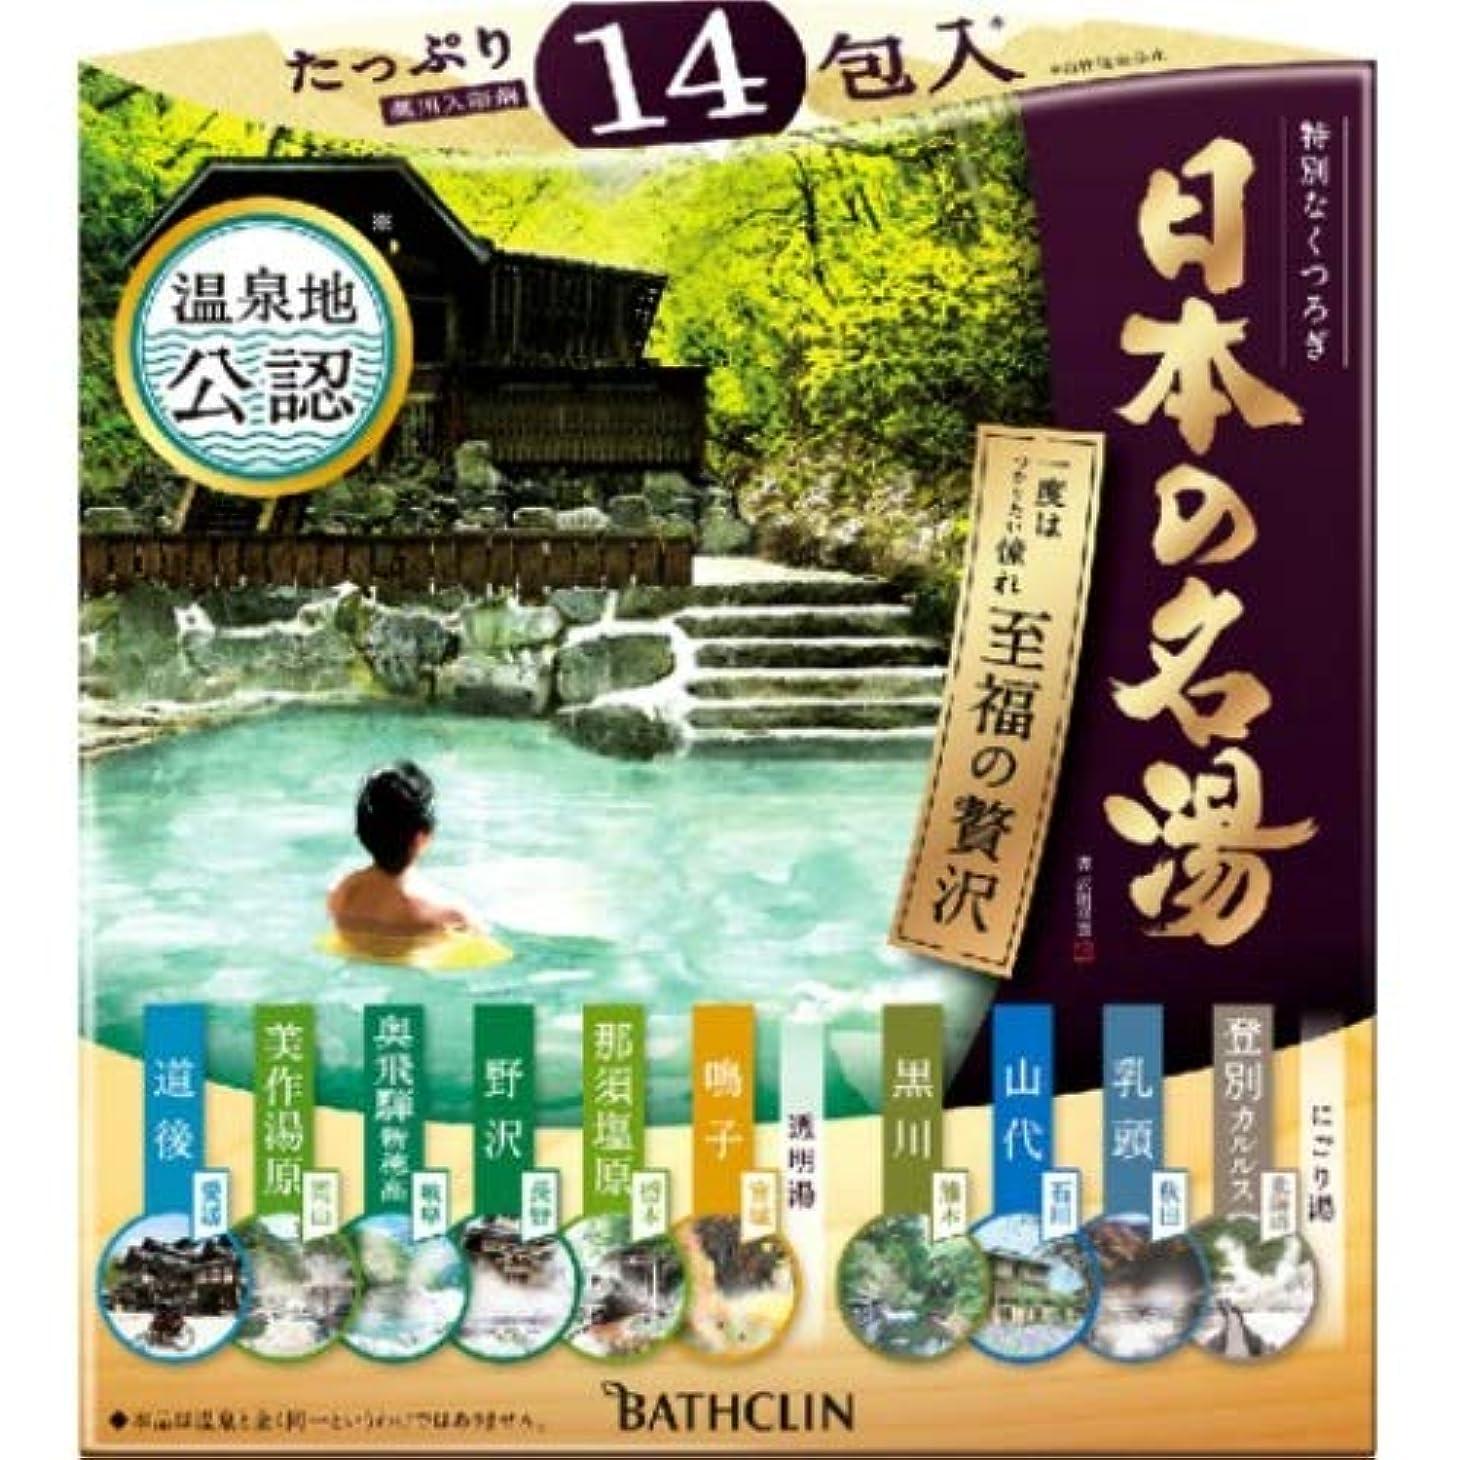 十分です結婚式セットするバスクリン 日本の名湯 至福の贅沢 温泉地公認 入浴剤 30g×14包入